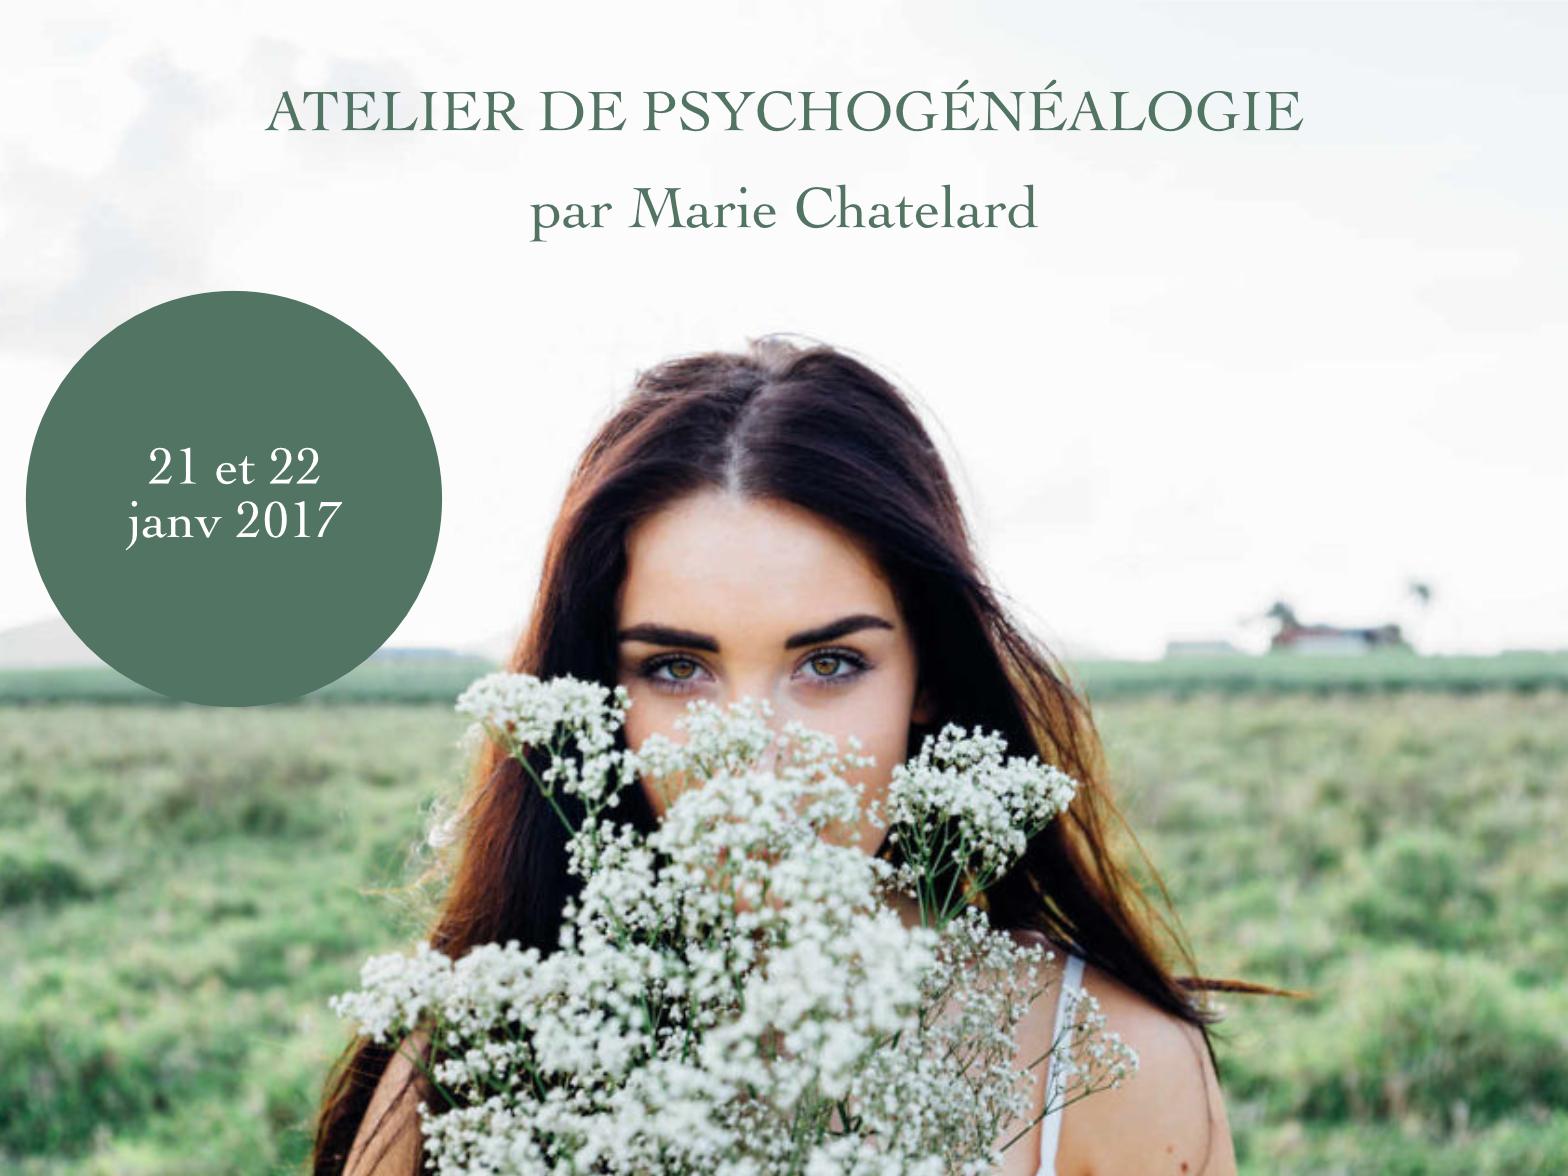 Atelier de psychogénéalogie janv 2017 - Être Soi